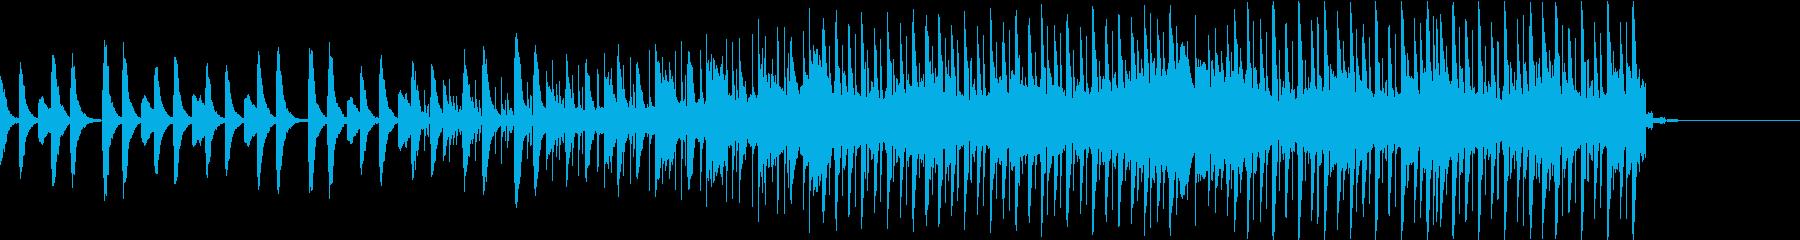 ピアノをメインにしたEDMです。の再生済みの波形